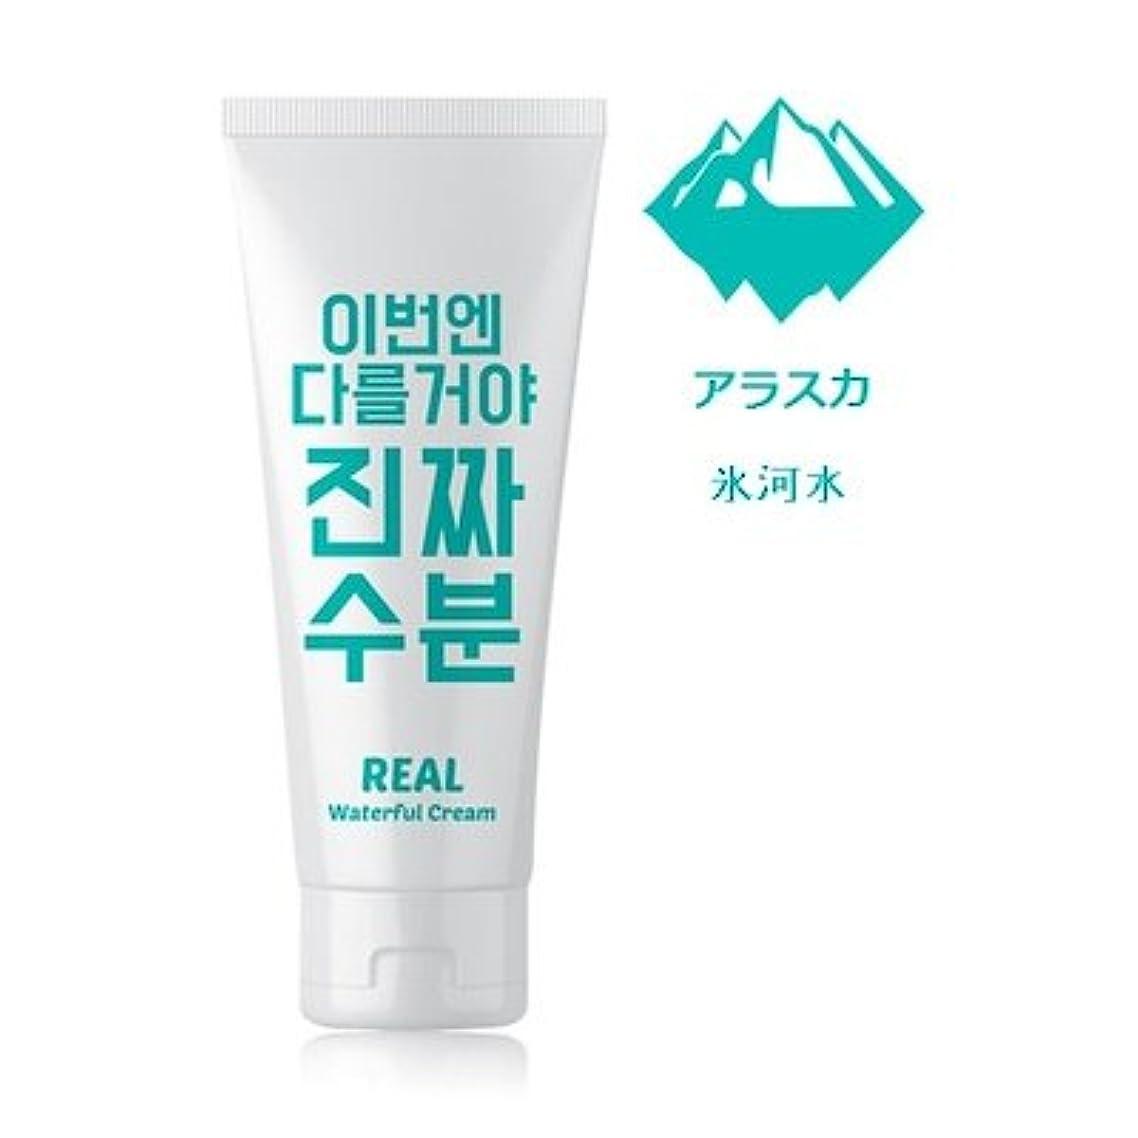 ホーム味わうあえてJaminkyung Real Waterful Cream/孜民耕 [ジャミンギョン] 今度は違うぞ本当の水分クリーム 200ml [並行輸入品]